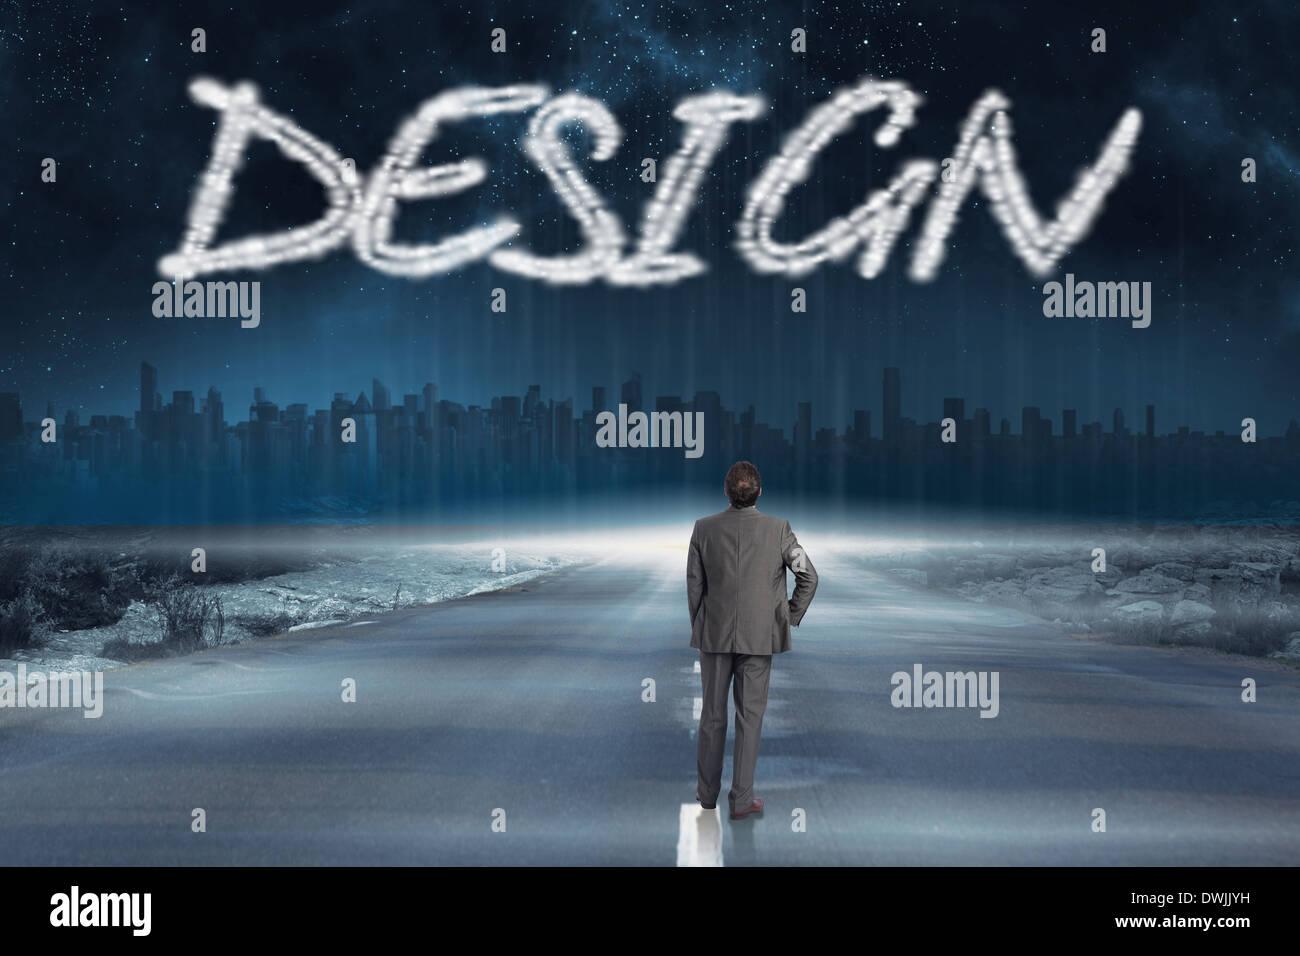 Diseño contra la carretera que conduce hasta el horizonte Imagen De Stock